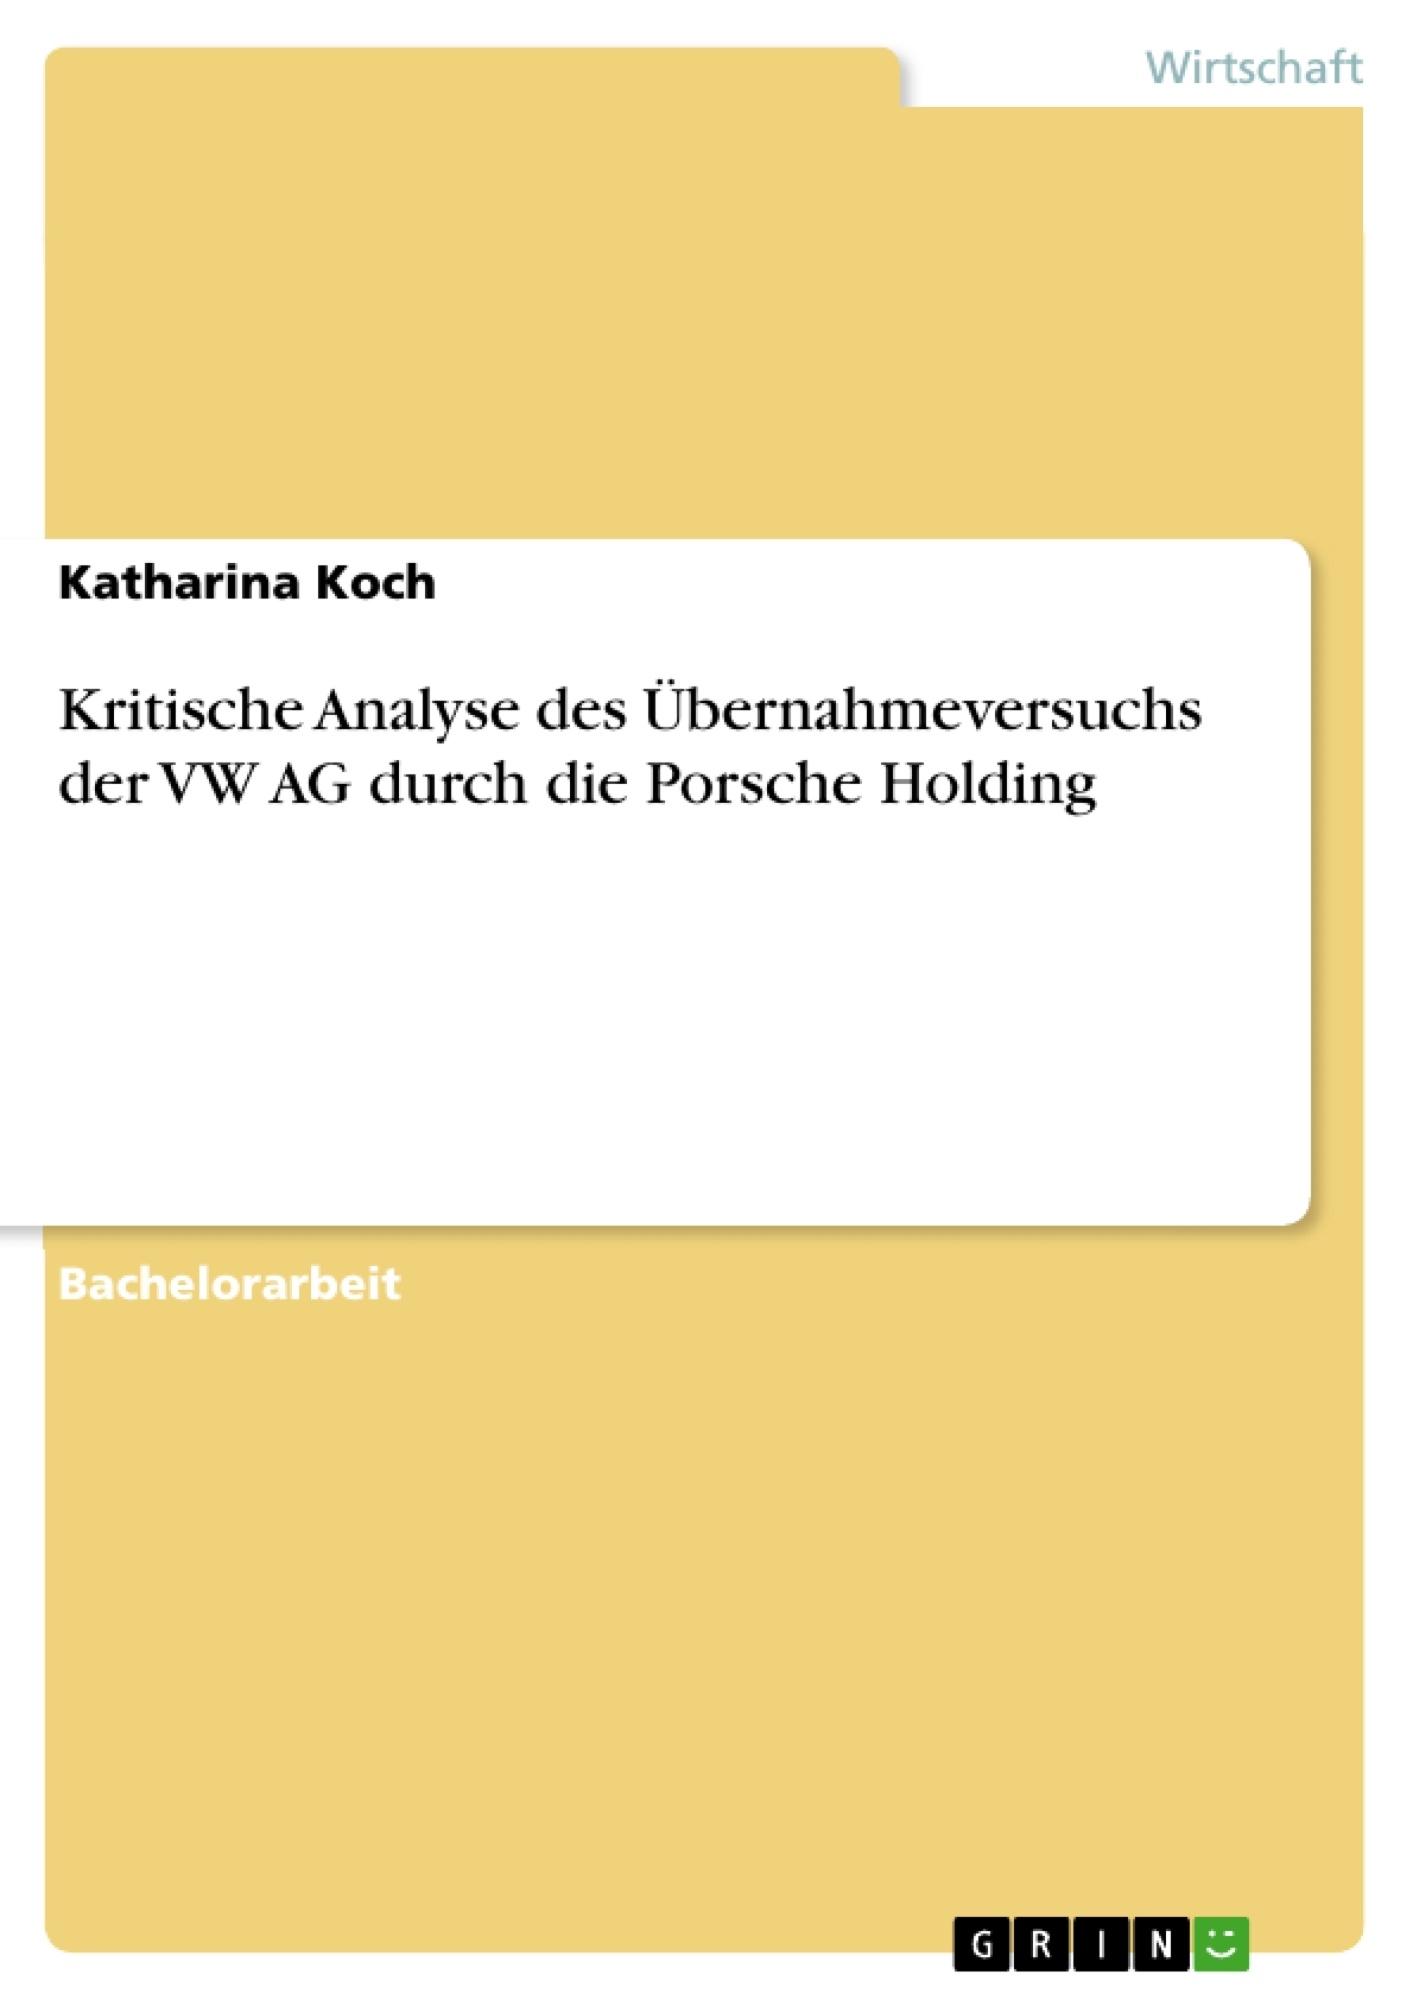 Titel: Kritische Analyse des Übernahmeversuchs der VW AG durch die Porsche Holding